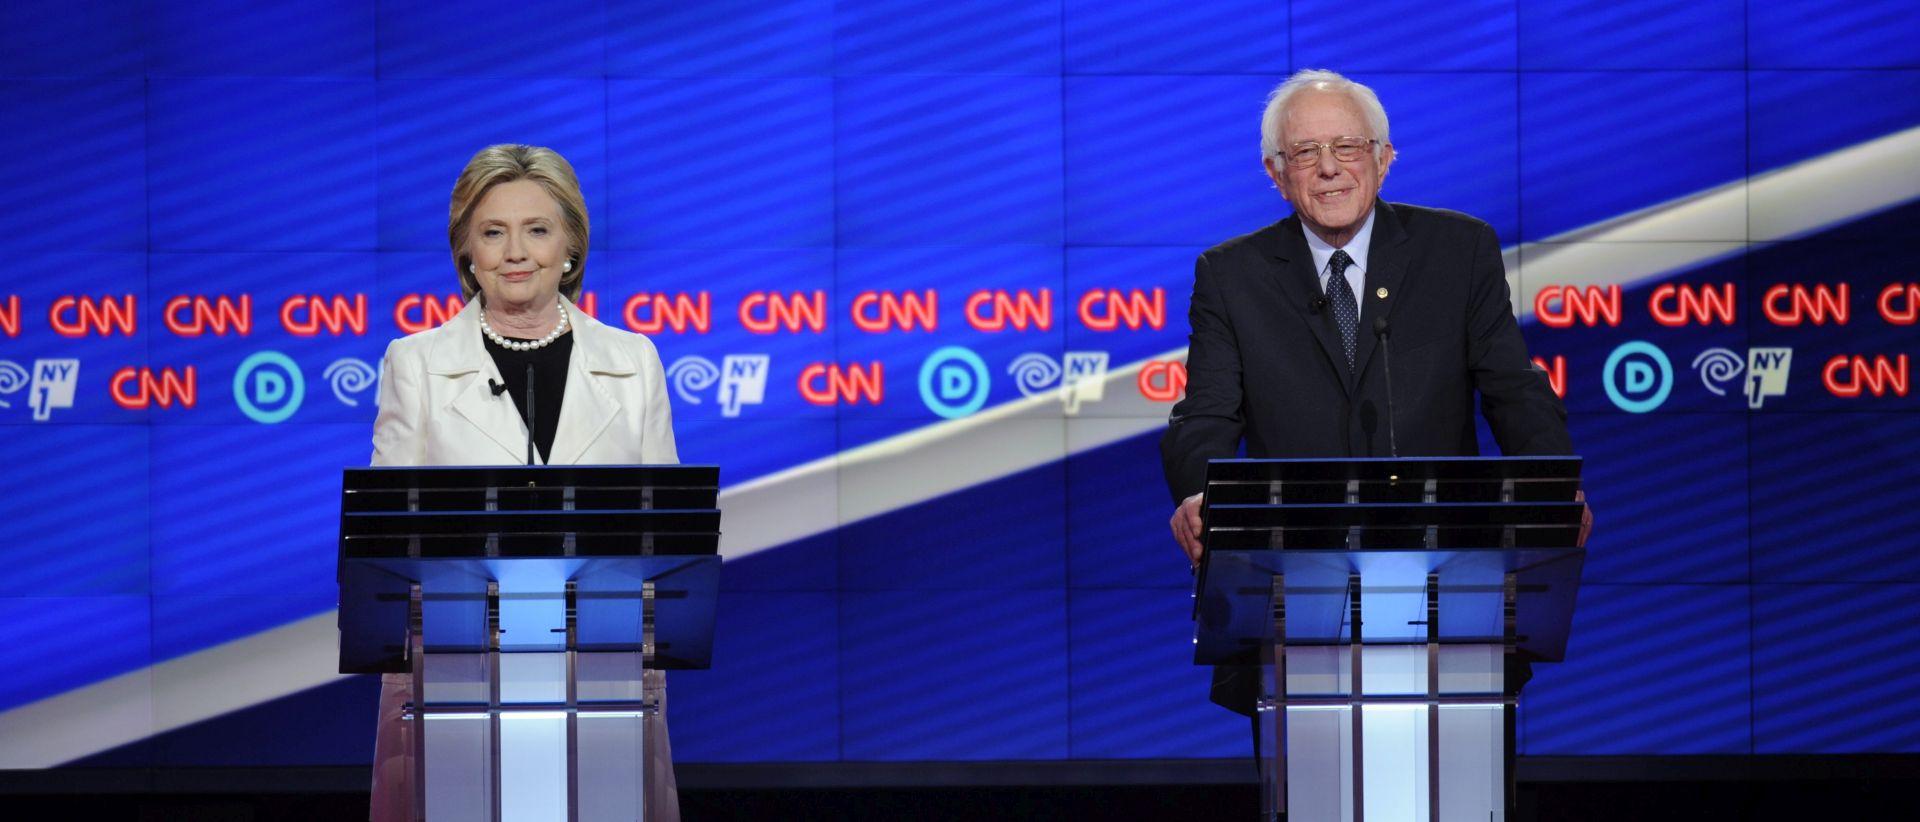 Predizbori u New Yorku: Posljednja šansa za Sandersa; Trump se vraća pobjedama?